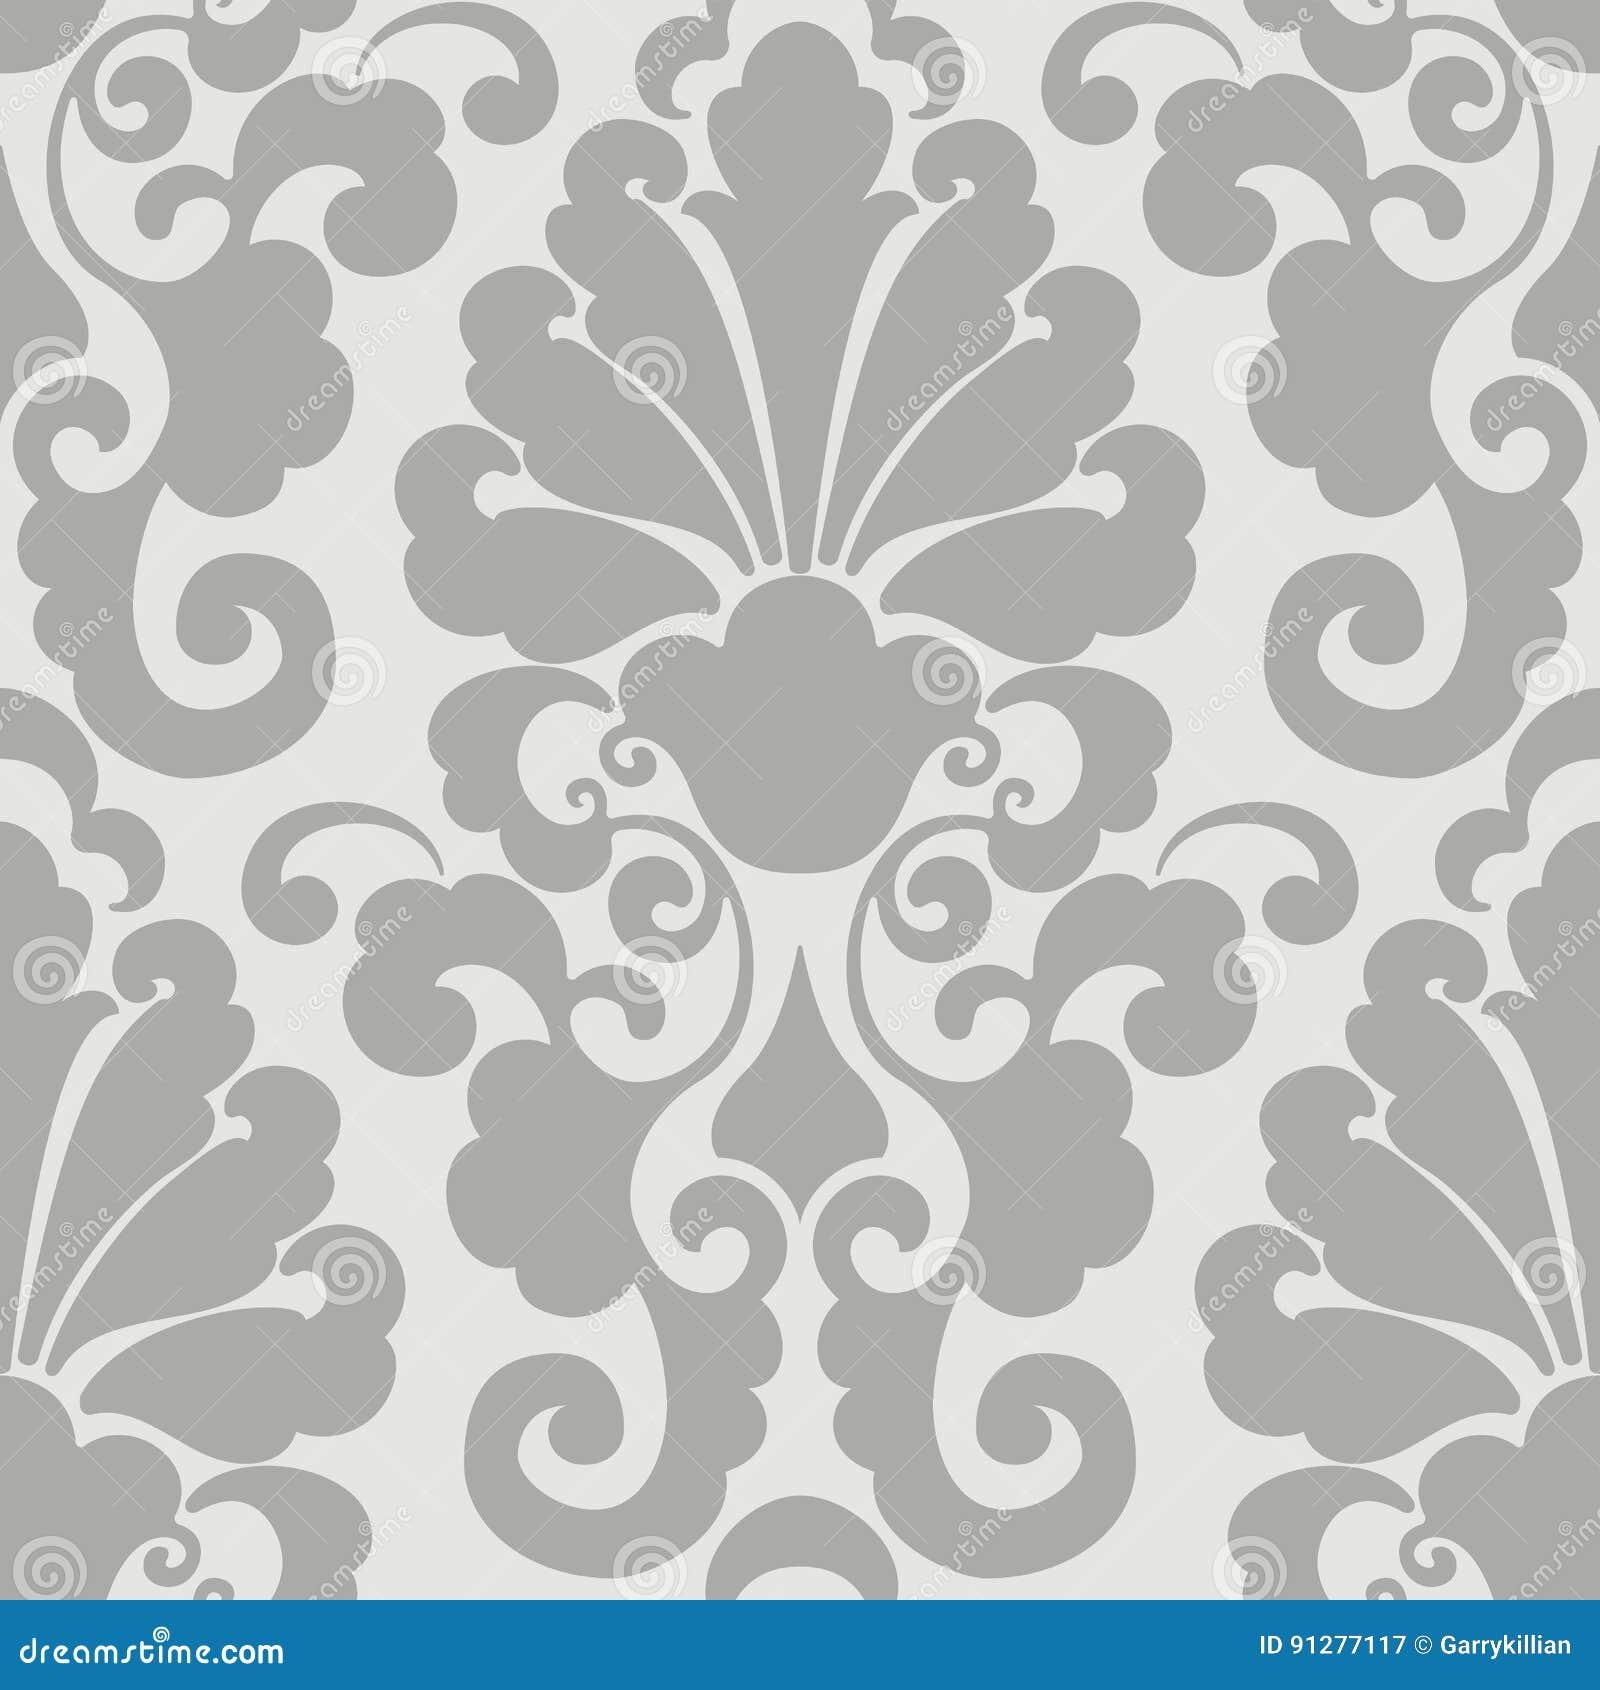 传染媒介锦缎无缝的样式元素 古典豪华古板的锦缎装饰品,皇家维多利亚女王时代的无缝的纹理